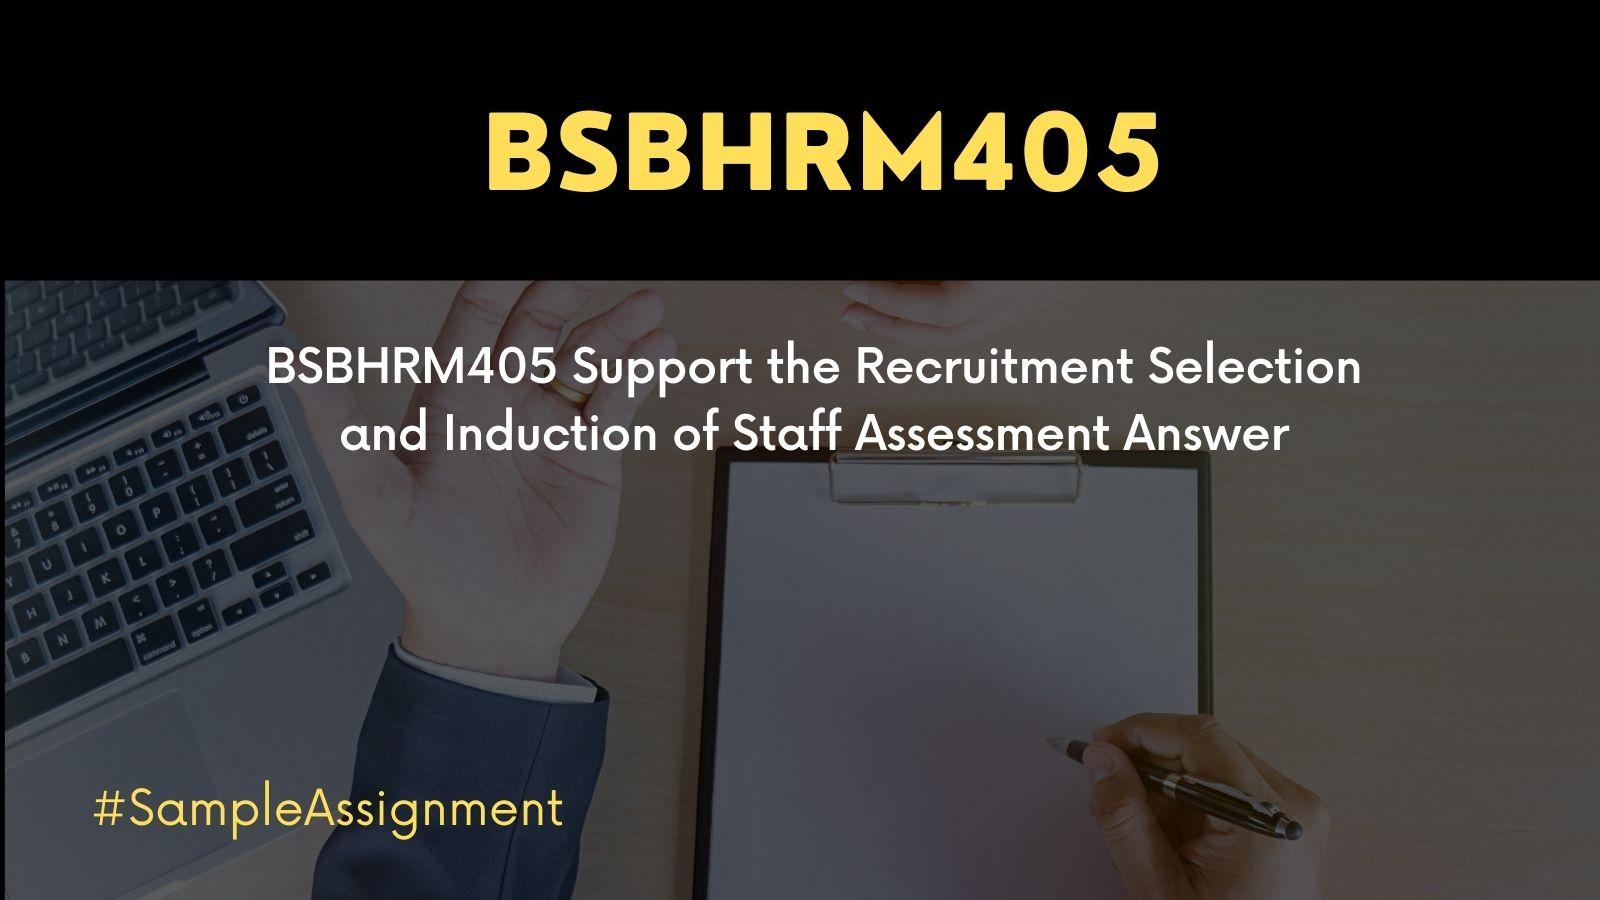 BSBHRM405